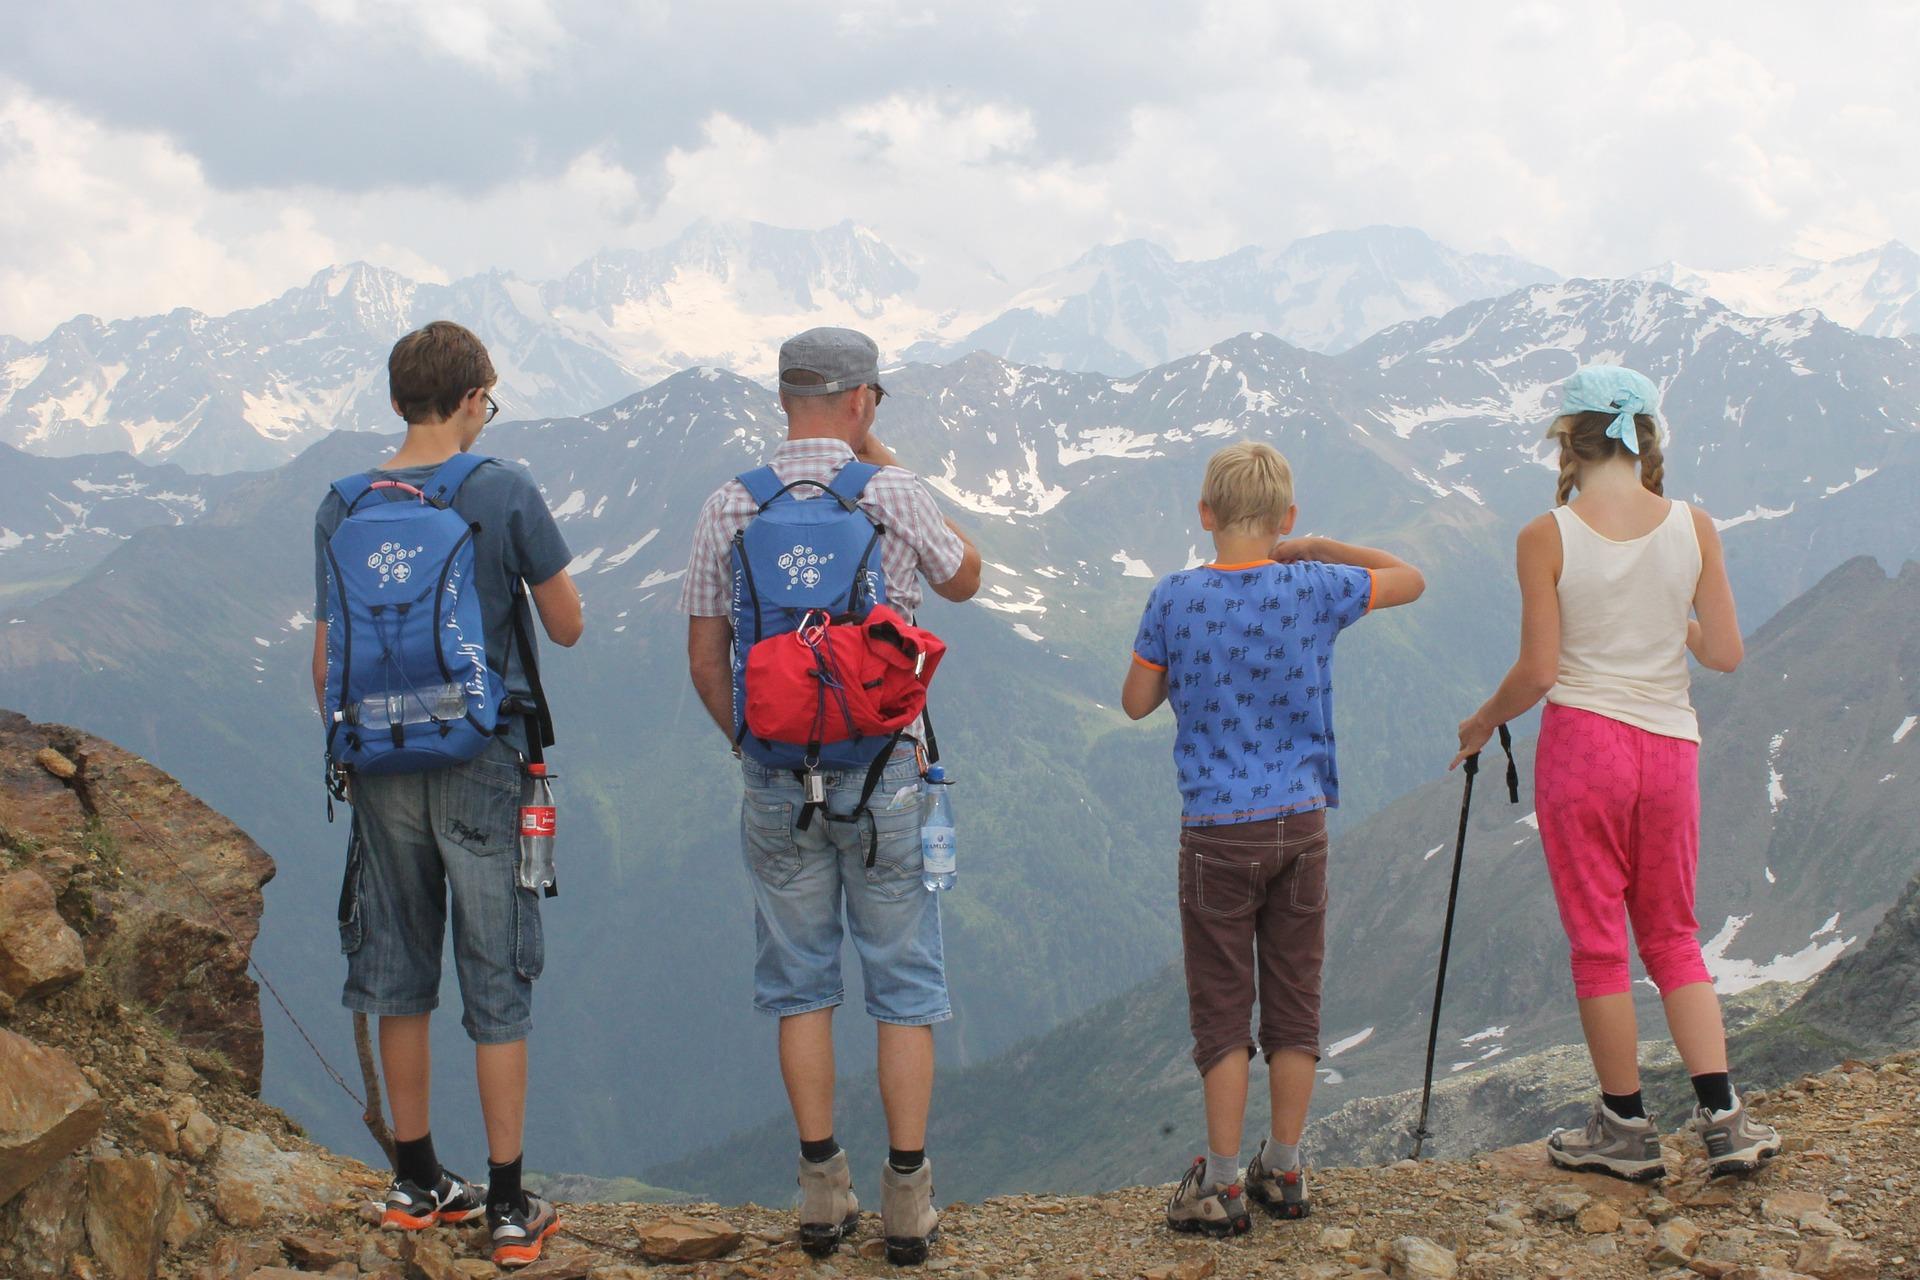 Membres d'une famille de dos au bord d'une falaise face une montagne enneigée